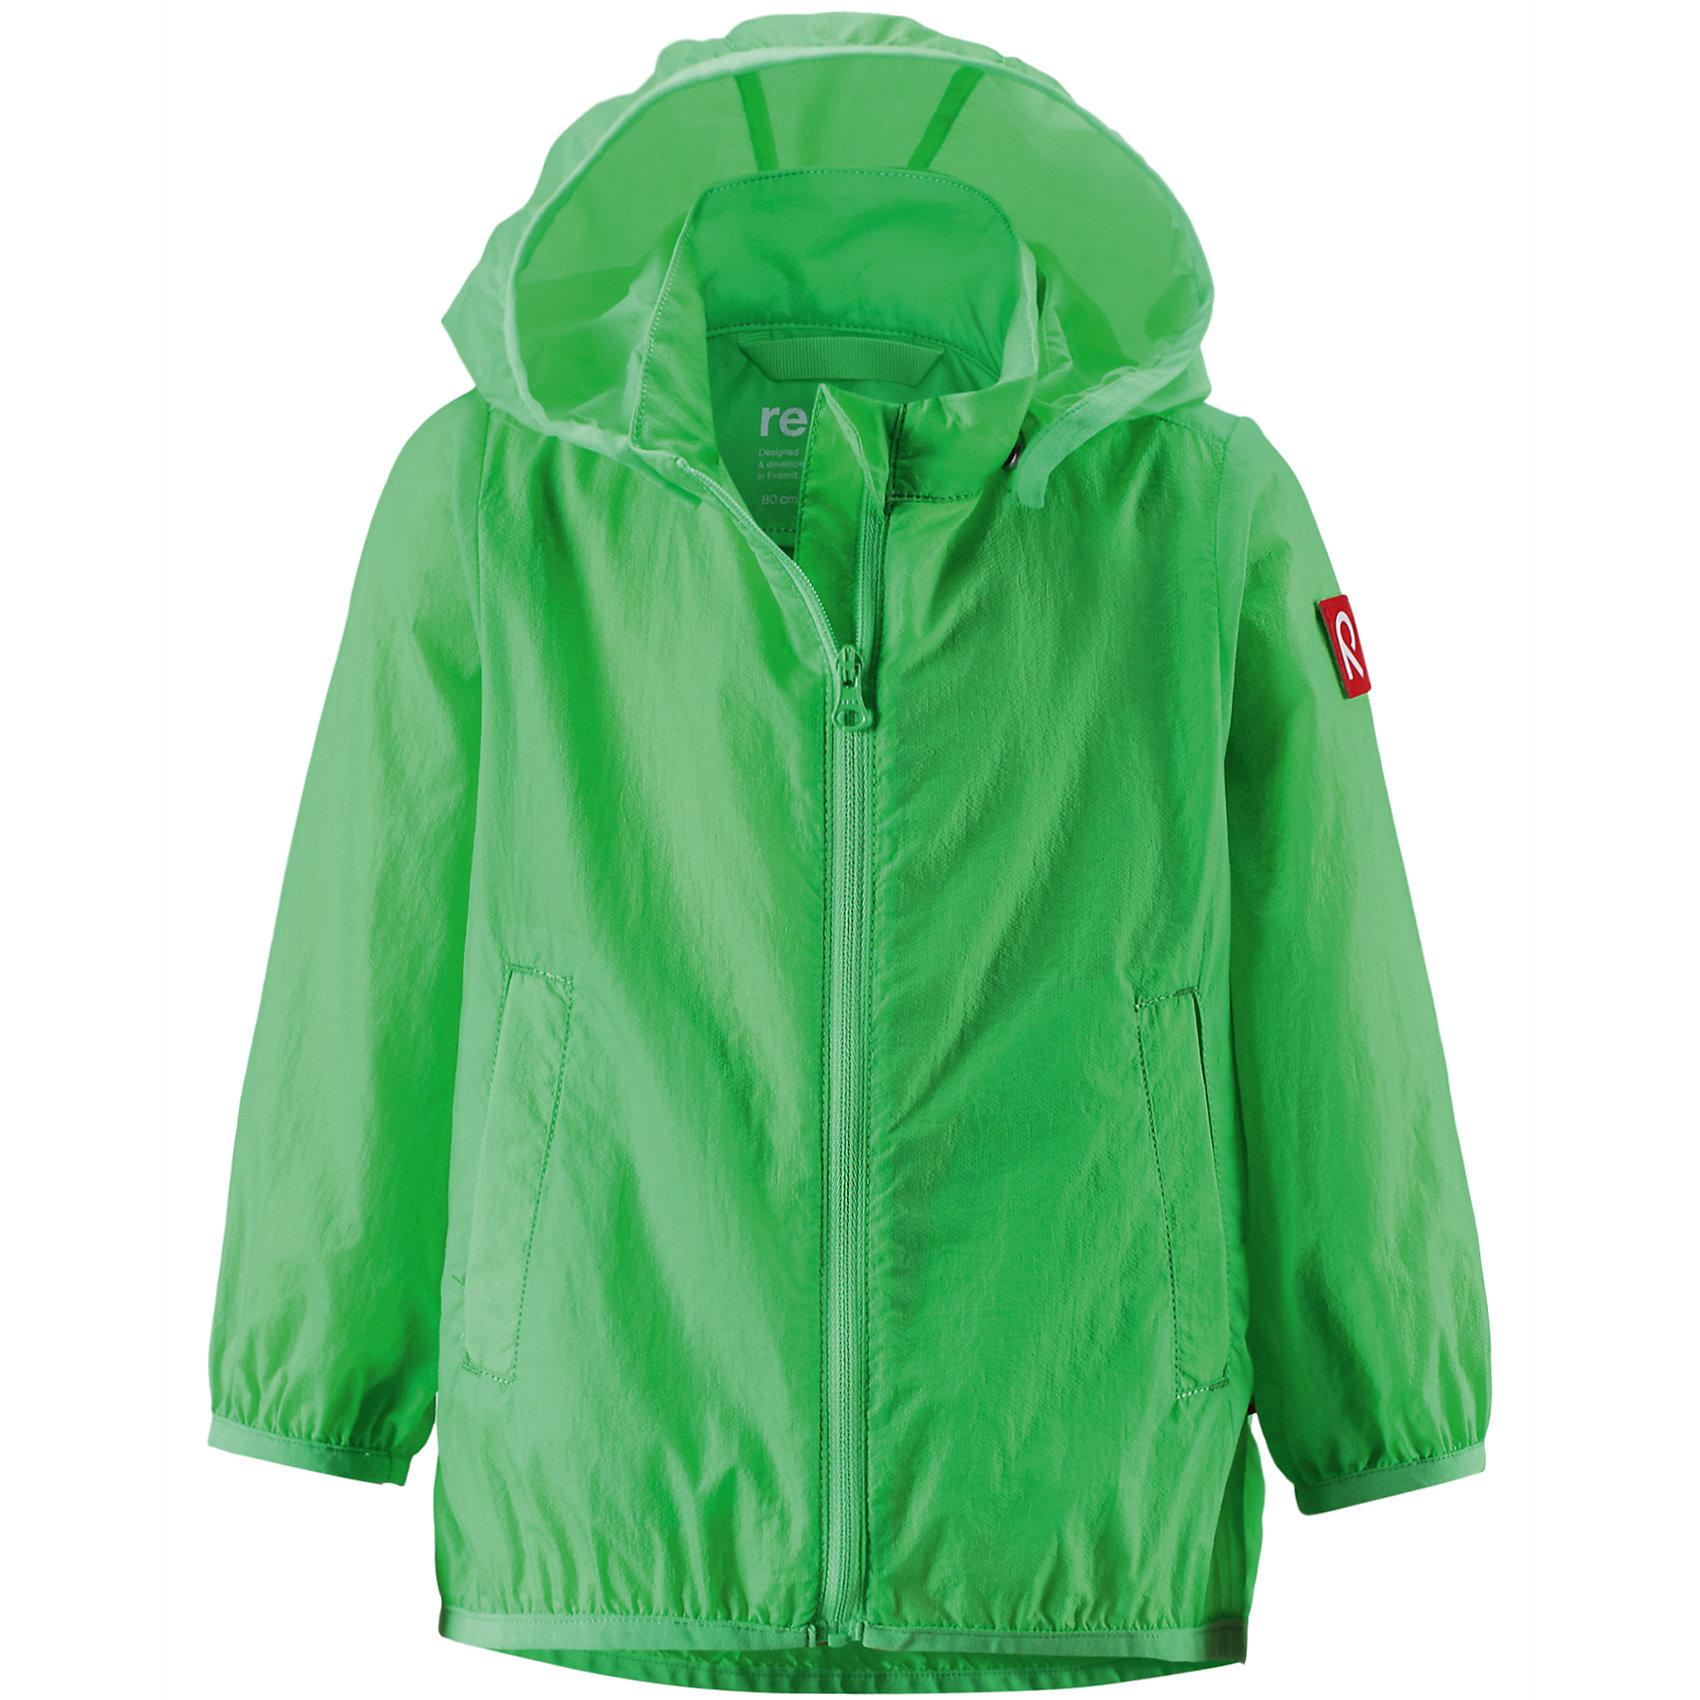 Куртка ReimaВерхняя одежда<br>Куртка Reima (Рейма), зеленый от известного финского производителя  детской одежды Reima. Куртка-ветровка выполнена из полиамида, который обладает высокой износоустойчивостью, воздухопроницаемыми, водооталкивающими и грязеотталкивающими свойствами. Изделие устойчиво к изменению формы и цвета даже при длительном использовании. Куртка имеет классическую форму: прямой силуэт с чуть присборенным эластичным кантом низом, кант повторяется на рукавах и капюшоне, воротник-стойка, застежка-молния с защитой у подбородка и 2 боковых прорезных кармана. Куртка имеет полиуретановое покрытие, что делает ее непромокаемой даже в дождливую погоду. Куртка идеально подходит для весенних и осенних прогулок.<br><br>Дополнительная информация:<br><br>- Предназначение: повседневная одежда для прогулок и активного отдыха<br>- Цвет: зеленый<br>- Пол: для мальчика<br>- Состав: 100% полиамид, полиуретановое покрытие<br>- Сезон: весна-осень (демисезонная)<br>- Особенности ухода: стирать изделие, предварительно вывернув его на левую сторону, не использовать отбеливающие вещества<br><br>Подробнее:<br><br>• Для детей в возрасте: от 2 лет и до 3 лет<br>• Страна производитель: Китай<br>• Торговый бренд: Reima, Финляндия<br><br>Куртку Reima (Рейма), зеленый можно купить в нашем интернет-магазине.<br><br>Ширина мм: 356<br>Глубина мм: 10<br>Высота мм: 245<br>Вес г: 519<br>Возраст от месяцев: 18<br>Возраст до месяцев: 24<br>Пол: Унисекс<br>Возраст: Детский<br>Размер: 92,86,98<br>SKU: 4863932